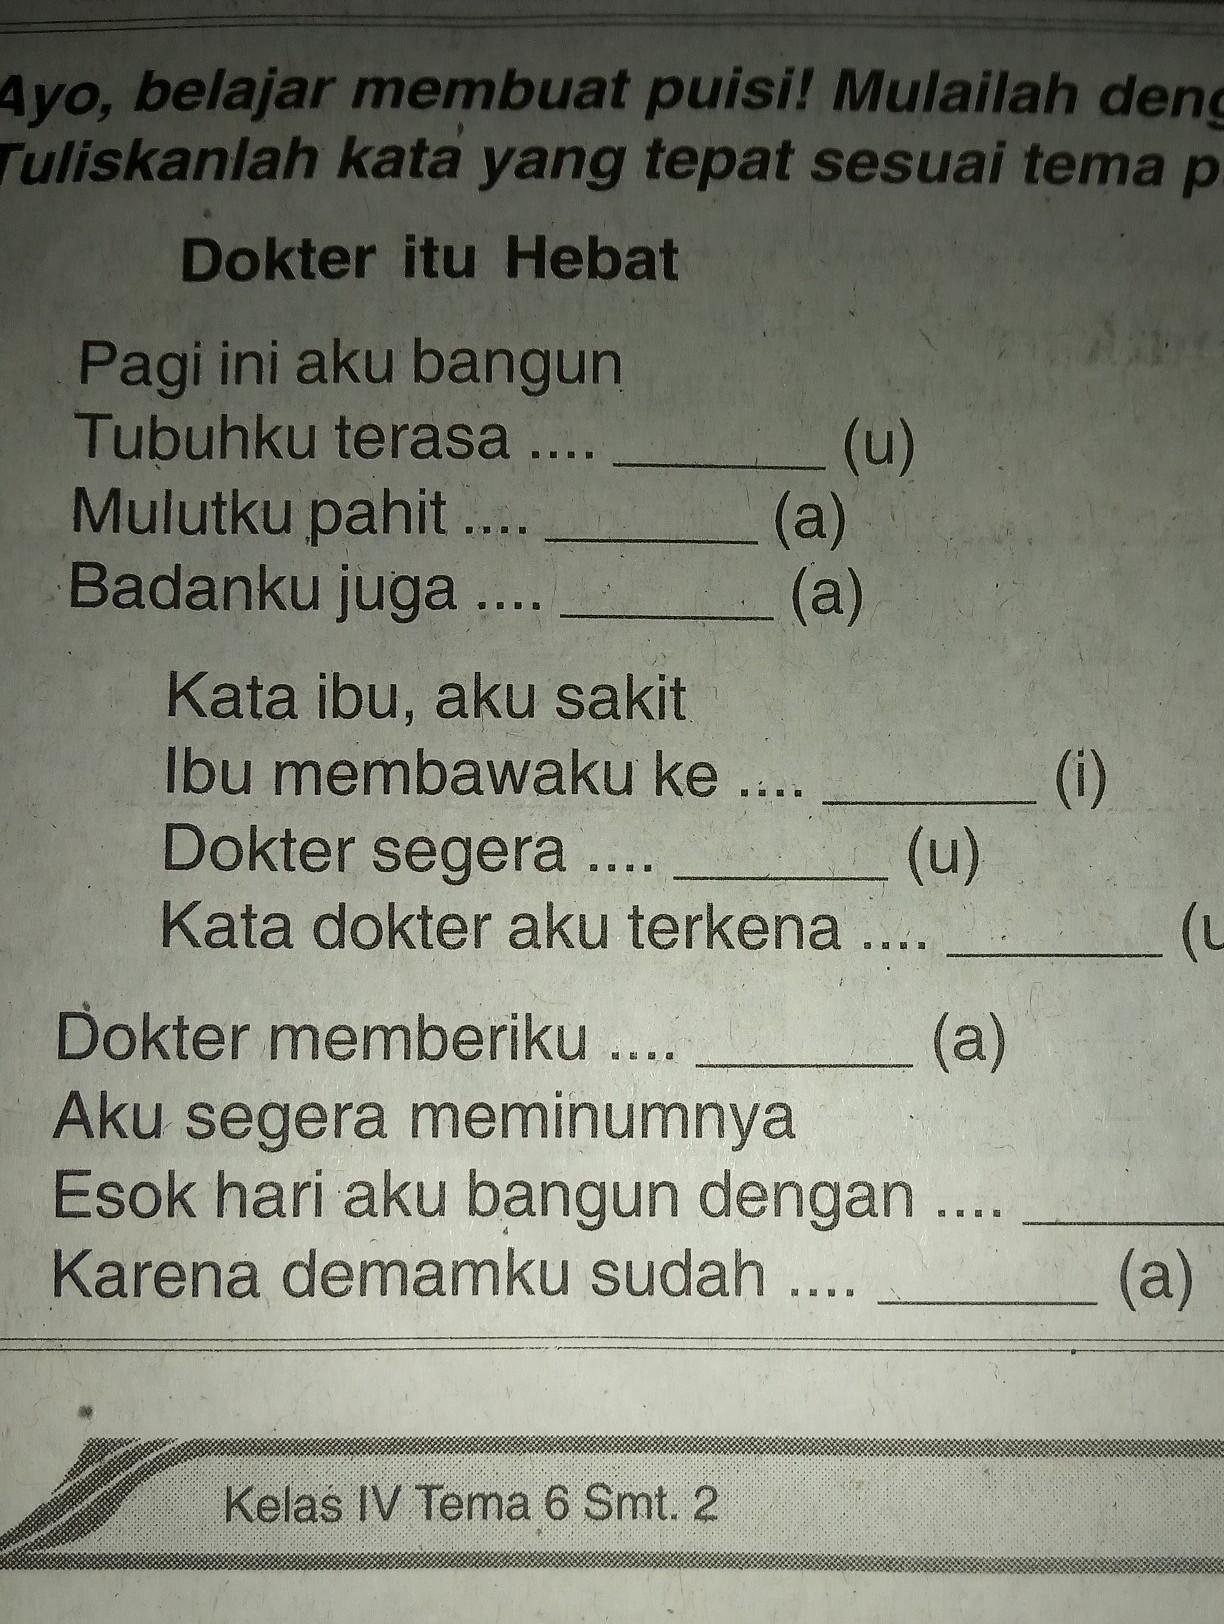 Puisi Dokter Hebat